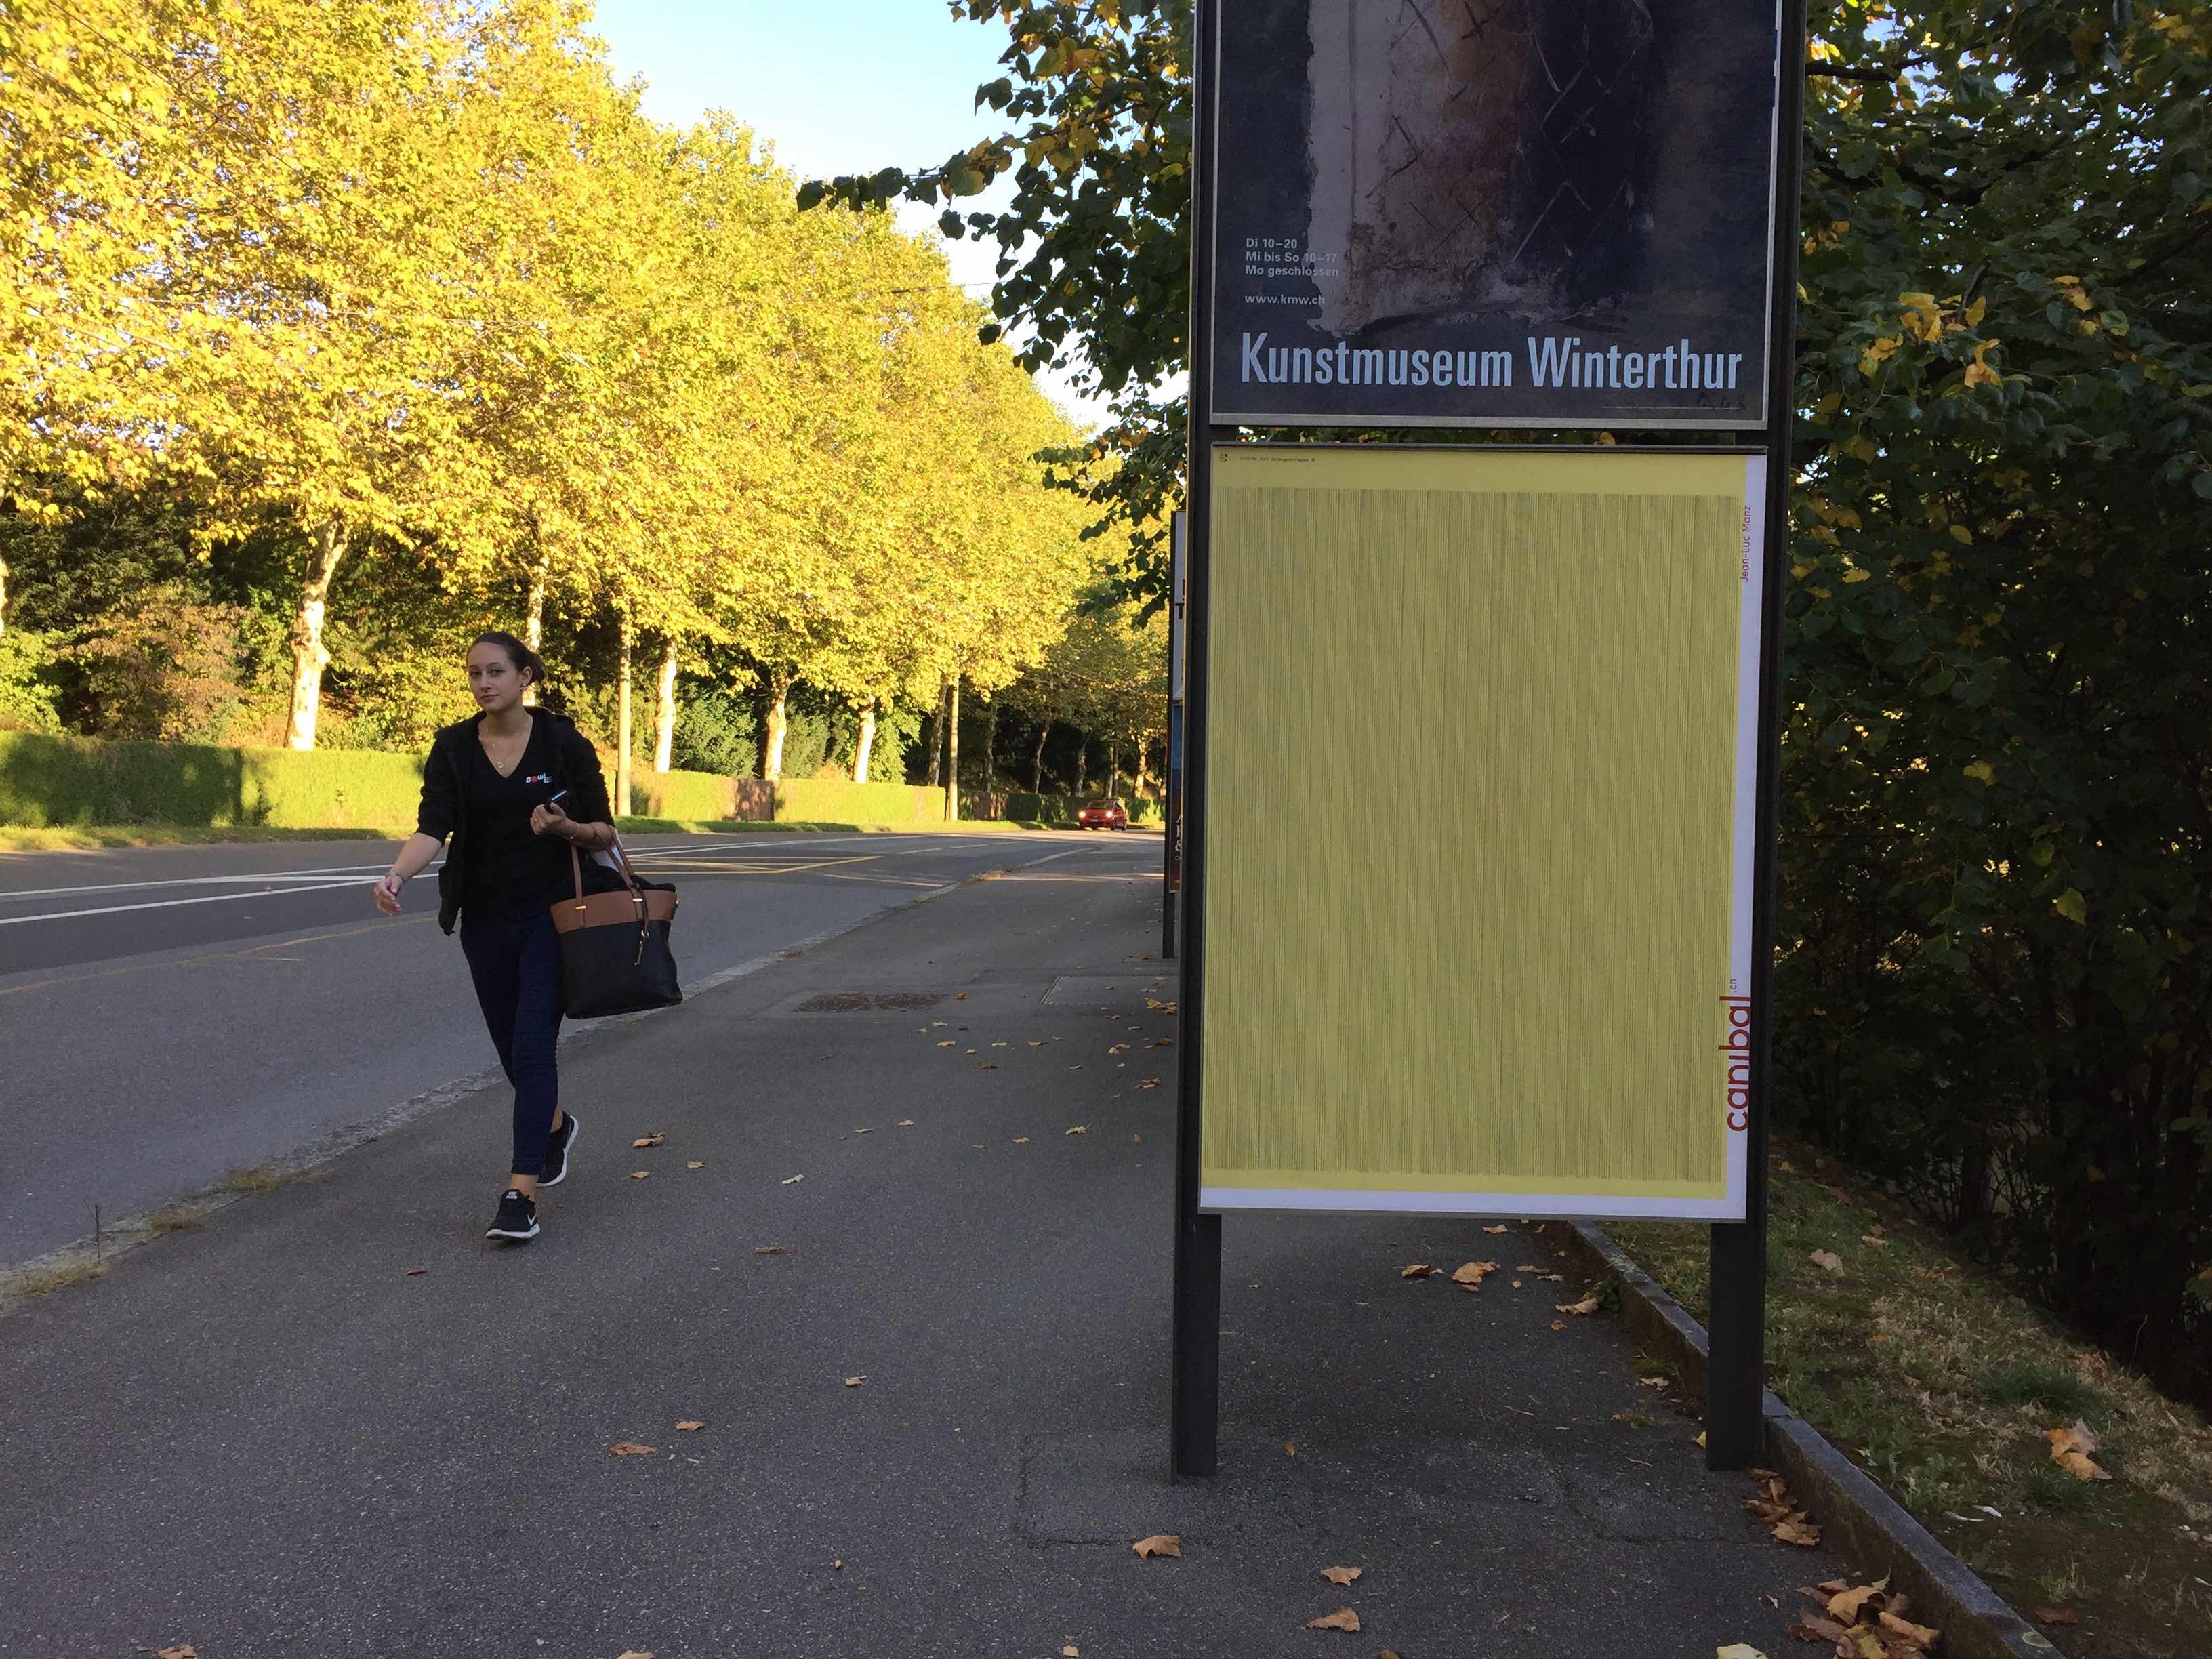 Jean-Luc Manz, route de chavannes 35, Lausanne-IMG_5971